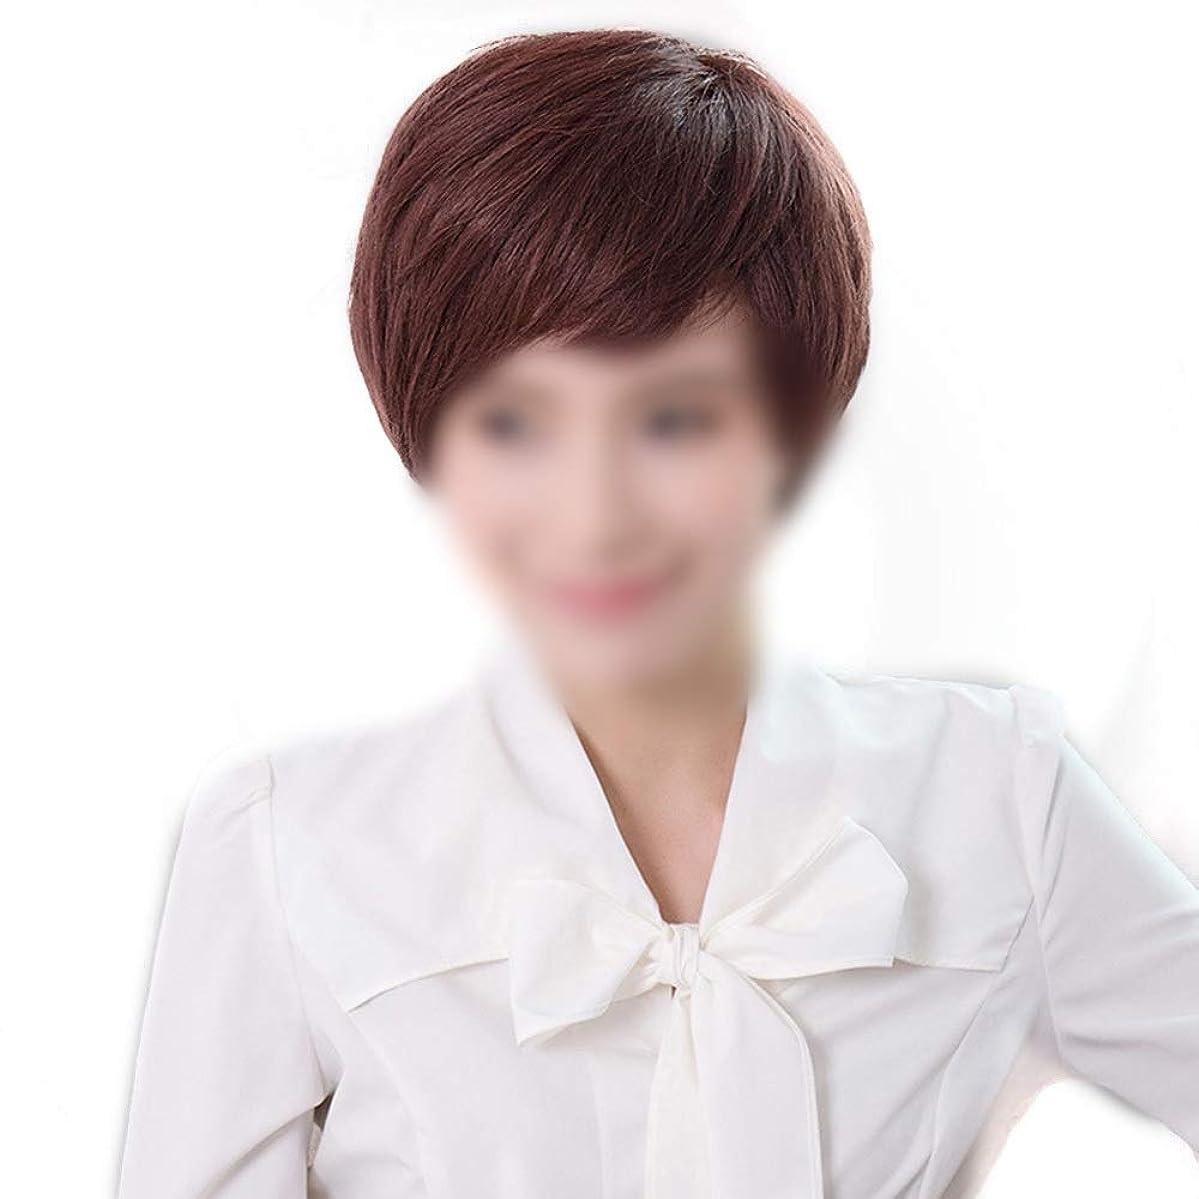 輸血局役職BOBIDYEE リアルヘア編み耳ショートカーリーヘアふわふわナチュラルファッションウィッグ女性用デイリードレスパーティーウィッグ (Color : Dark brown, サイズ : Hand-needle)